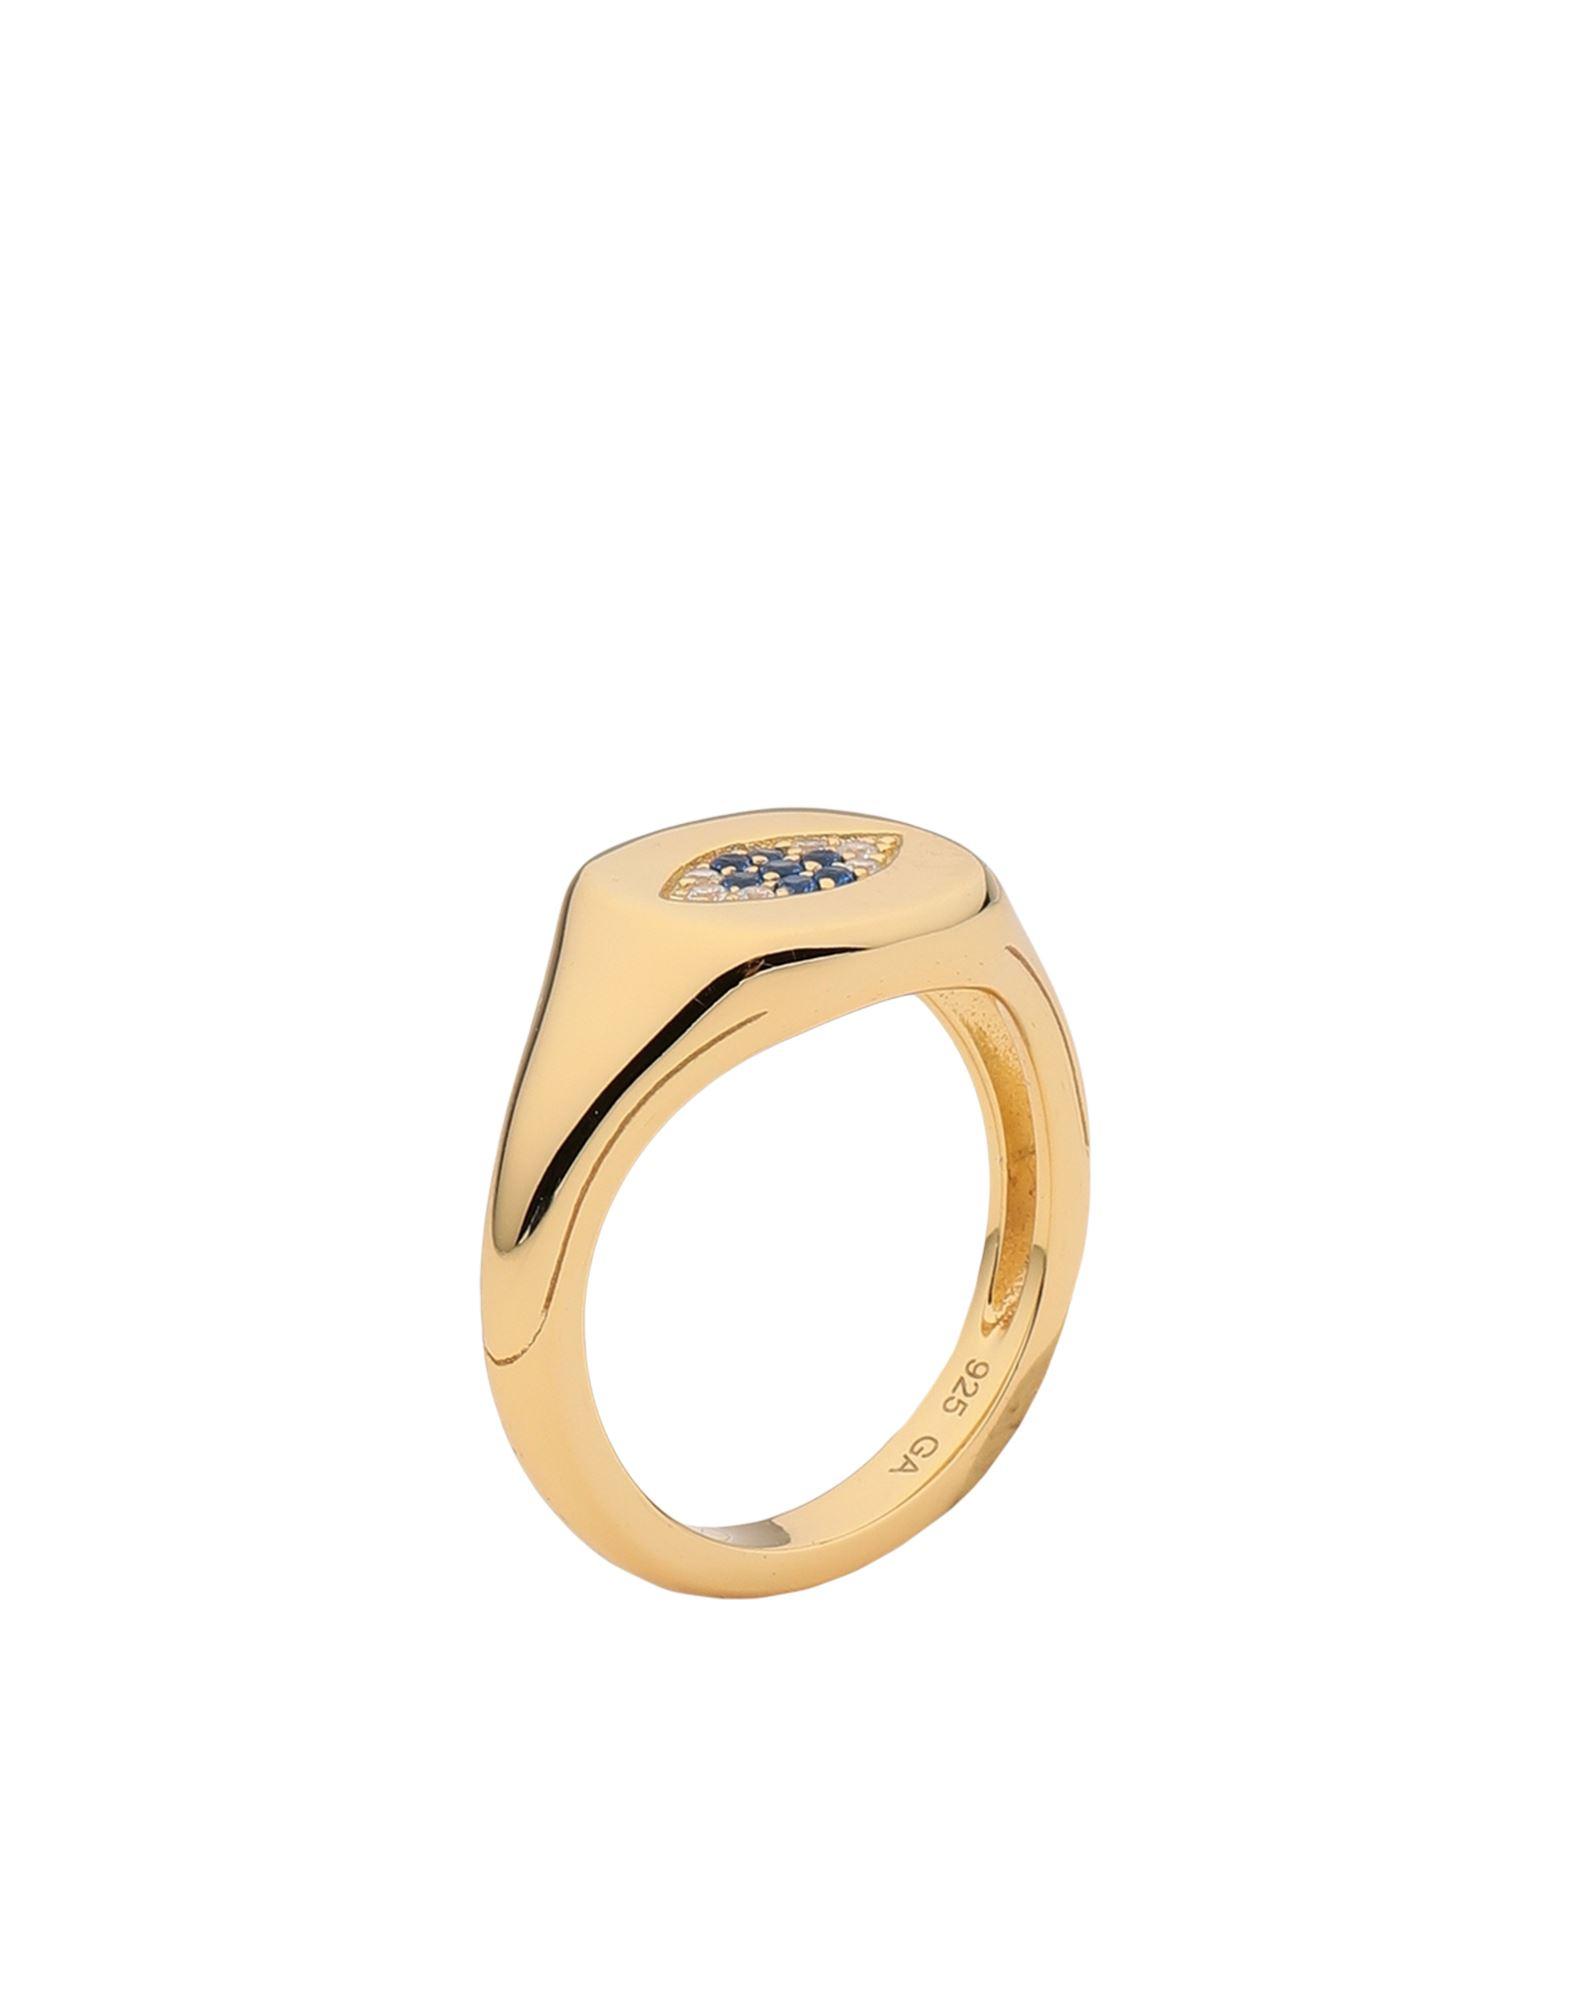 《セール開催中》GALLERIA ARMADORO レディース 指輪 ゴールド 54 シルバー925/1000 / 18金メッキ EVIL EYE SIGNET